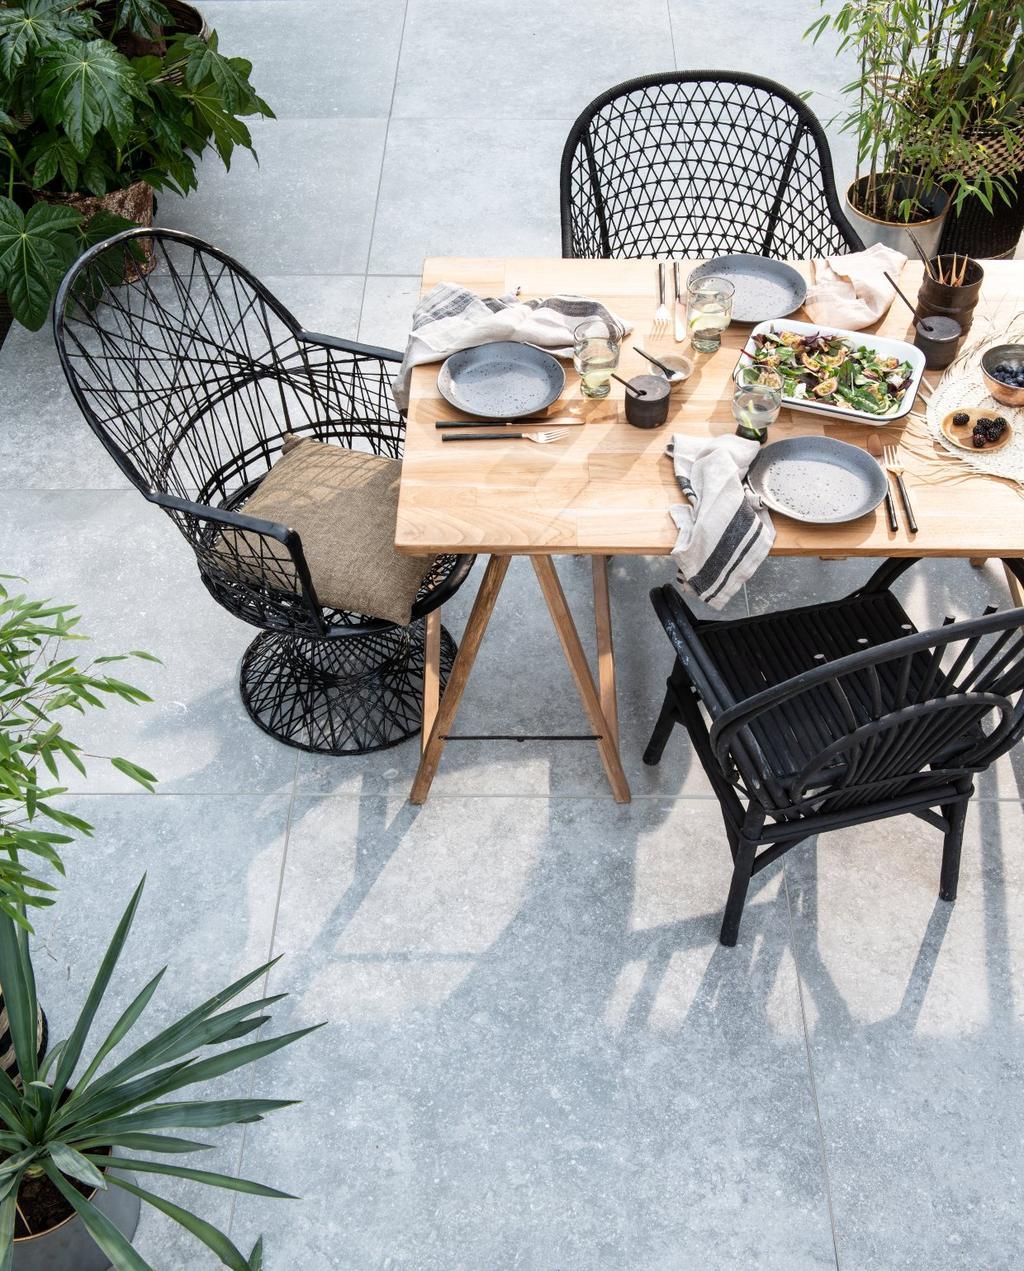 2019-04 vtwonen | terras tafel met zwarte stoelen